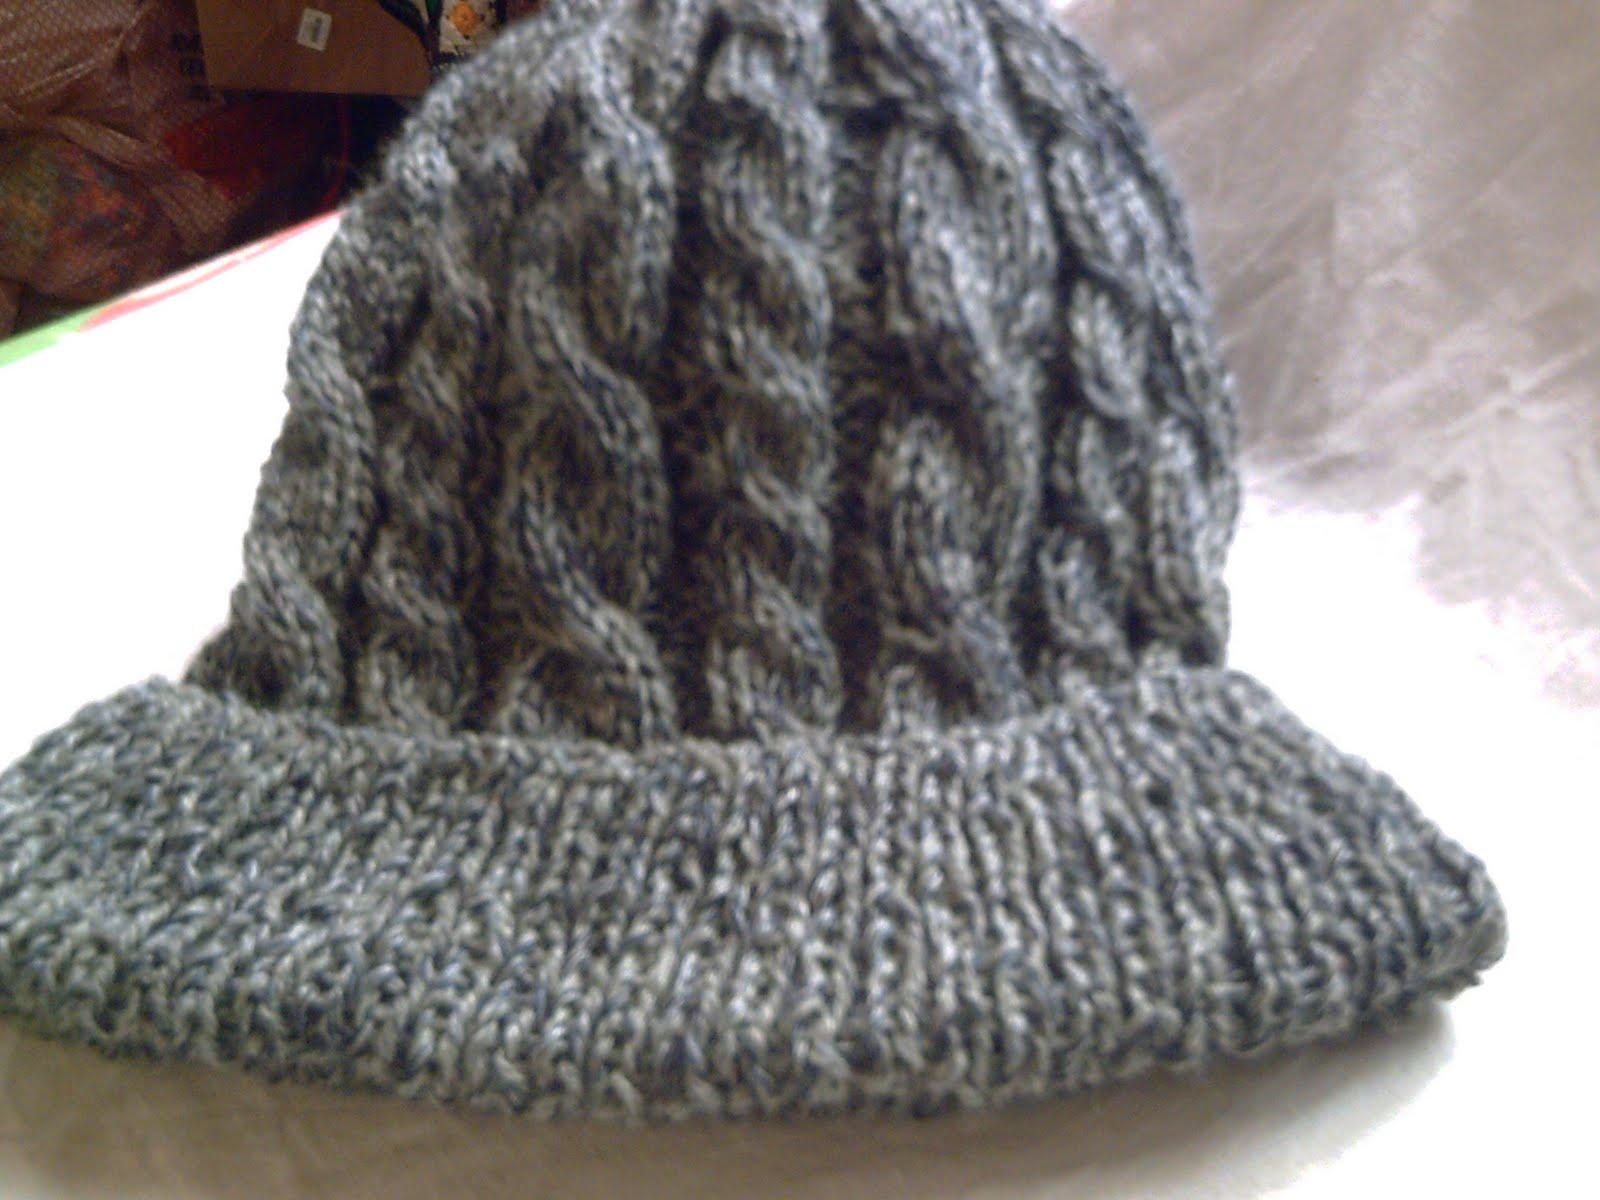 ... sea que no tienen costura una maravilla el gris es lana de 4 hebras